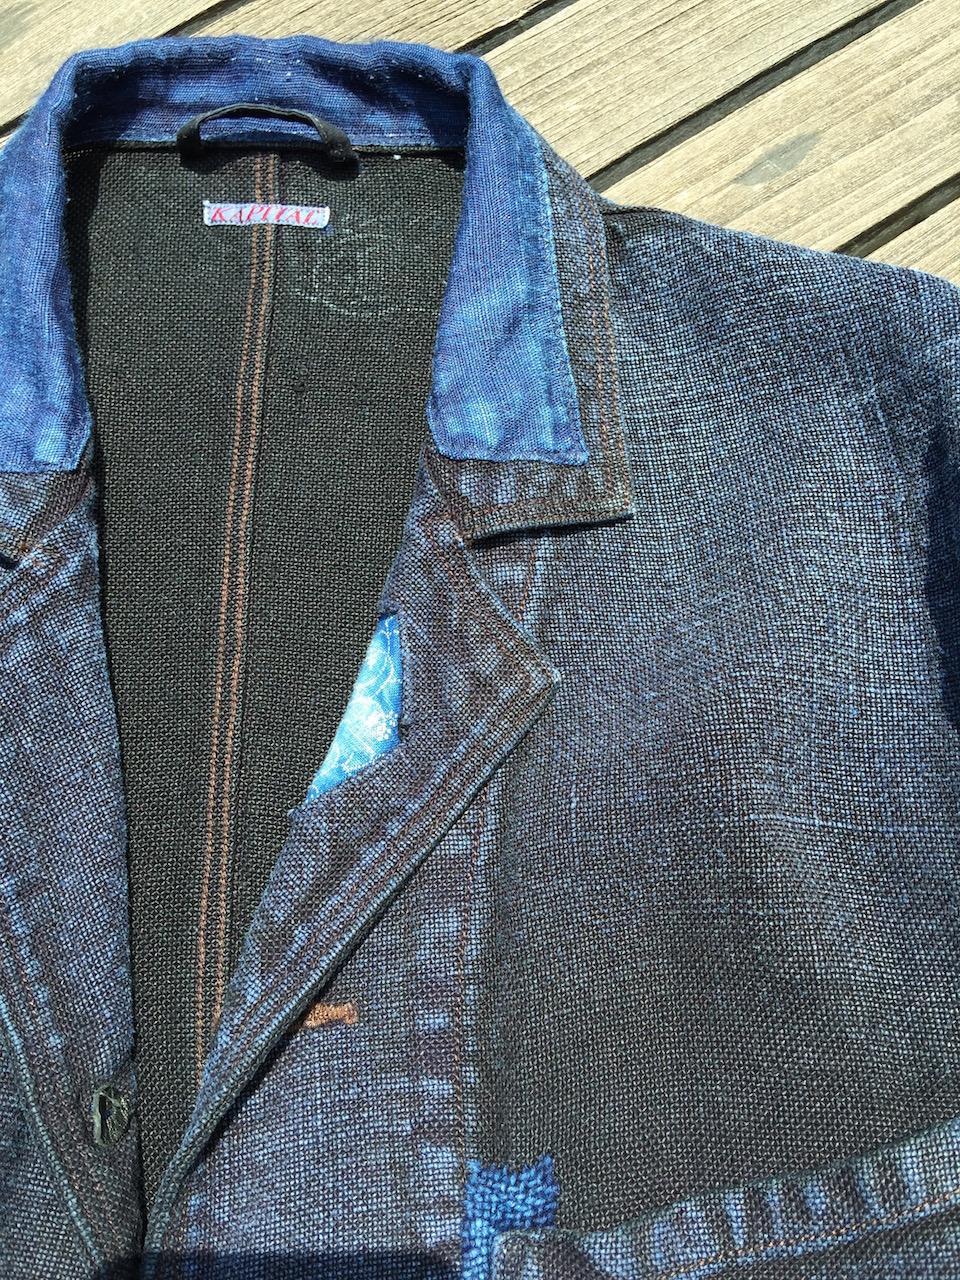 インディゴor藍で染められた麻のジャケット